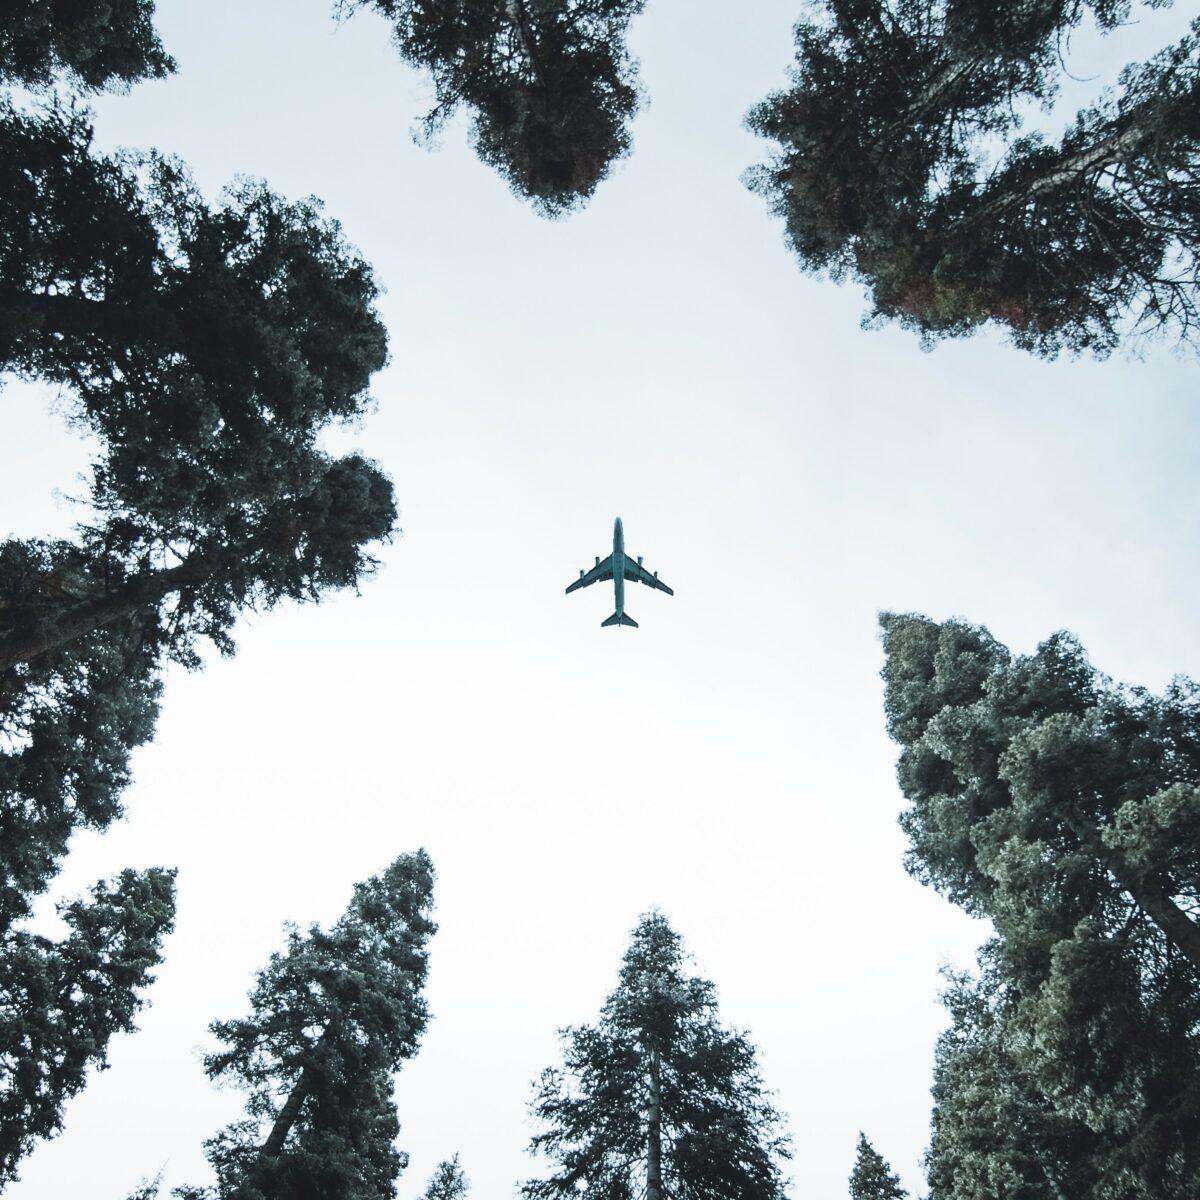 Airport runway challenge: It's not over 'til it's over !